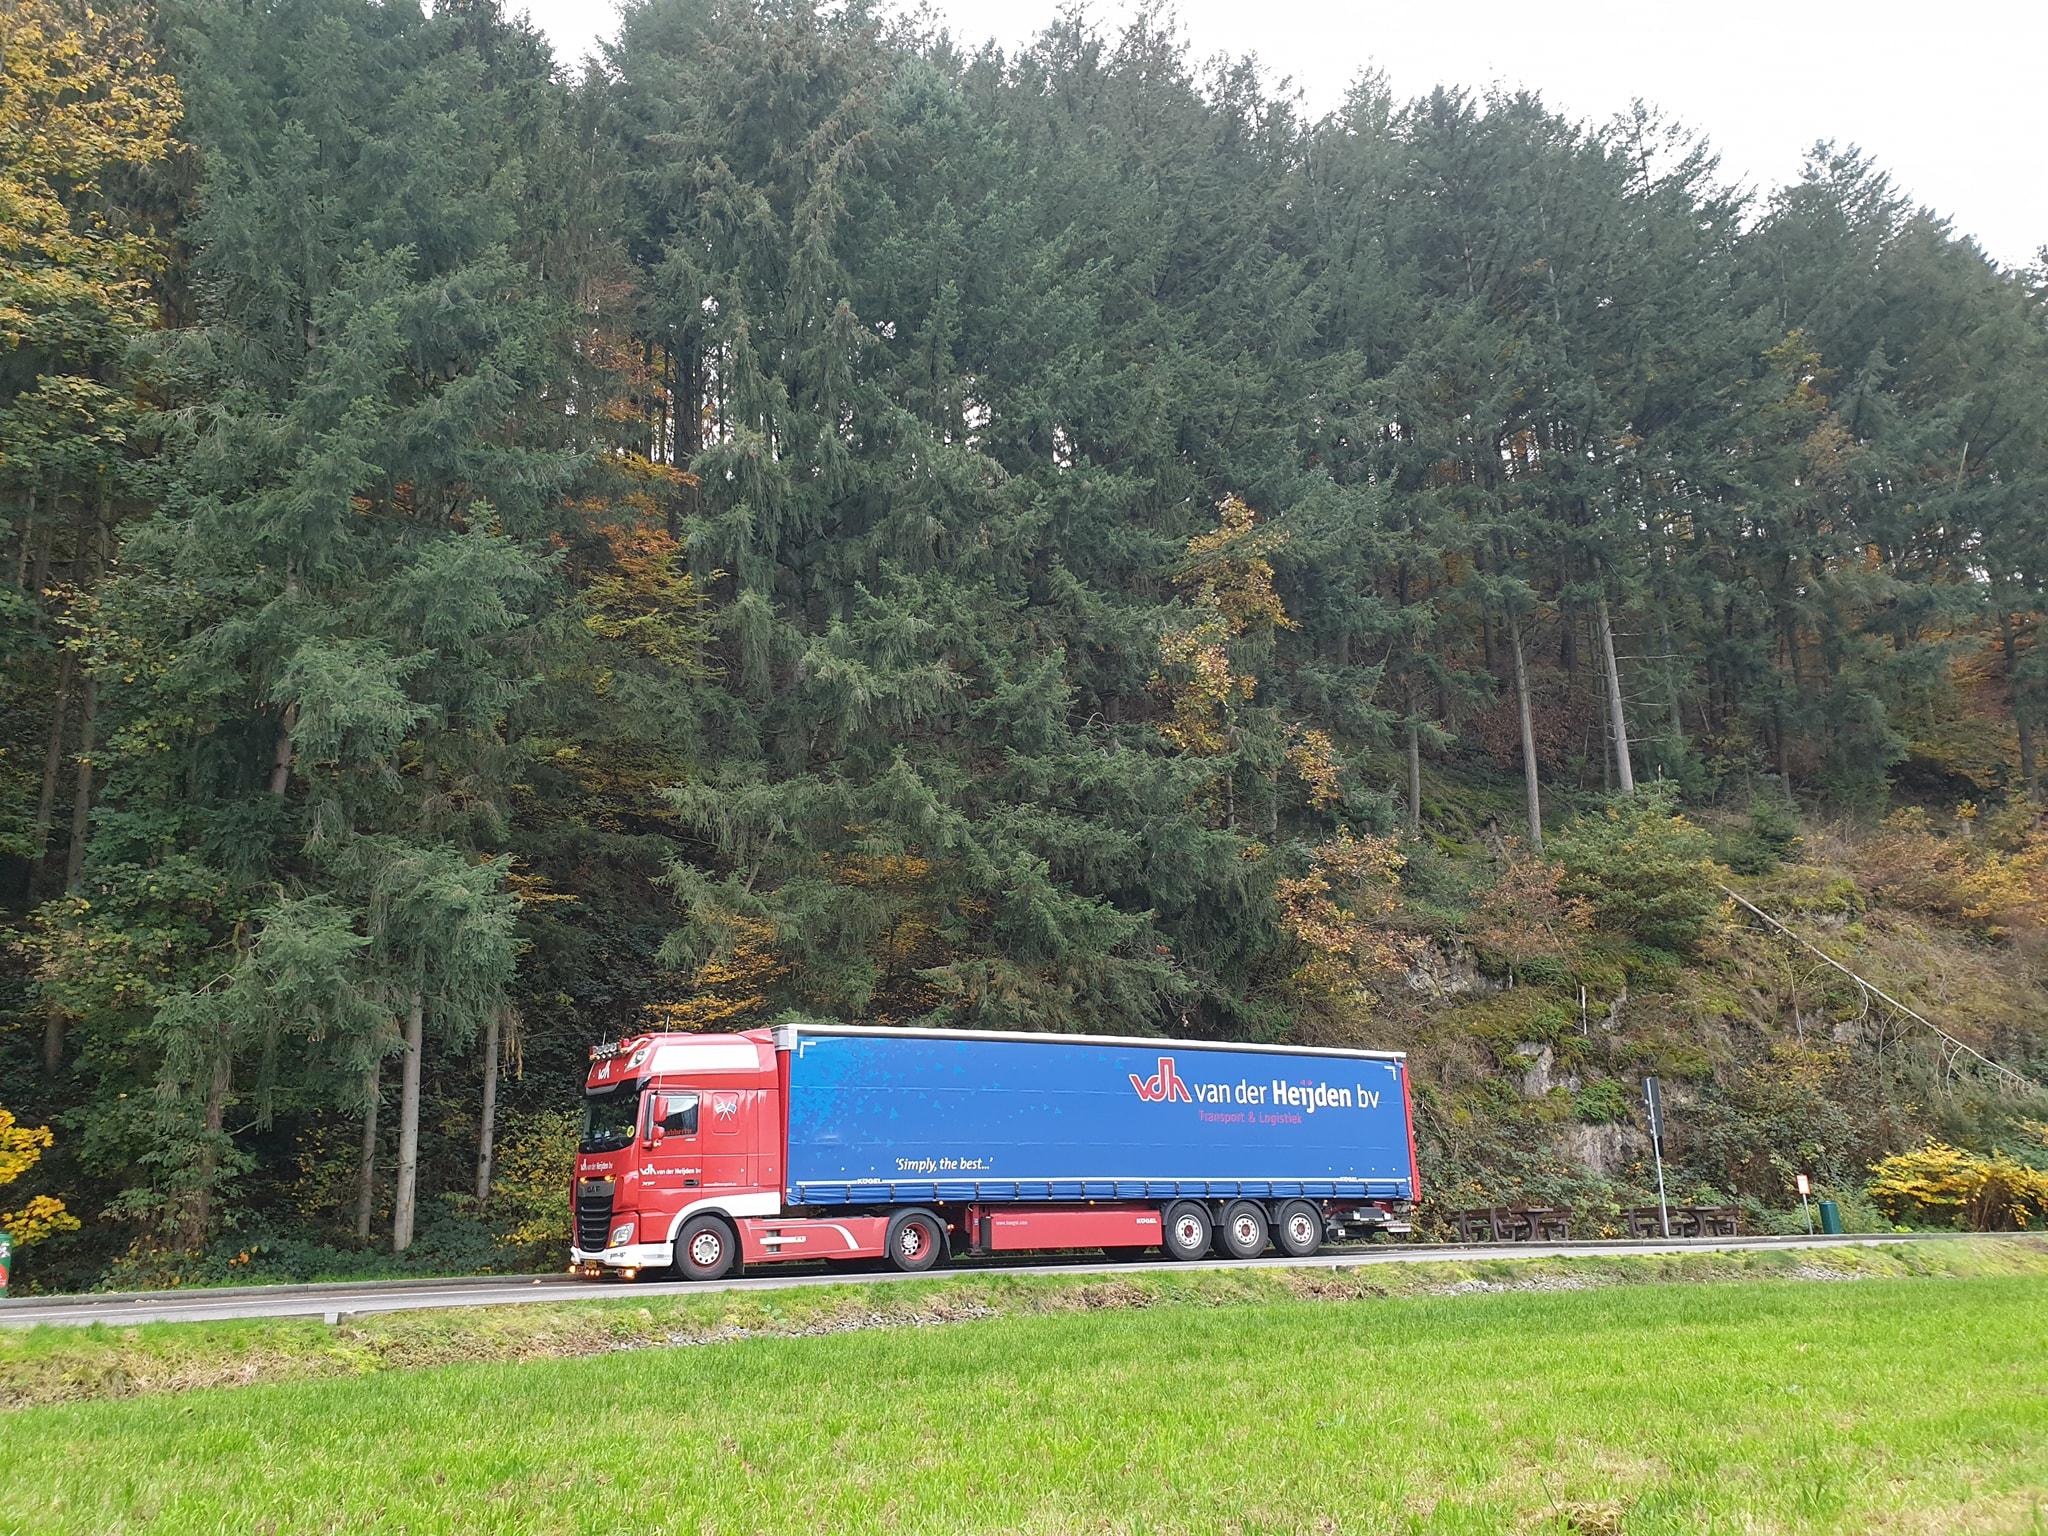 Uberto-Neijsen-Schwarzwald-2-11-2020--(2)